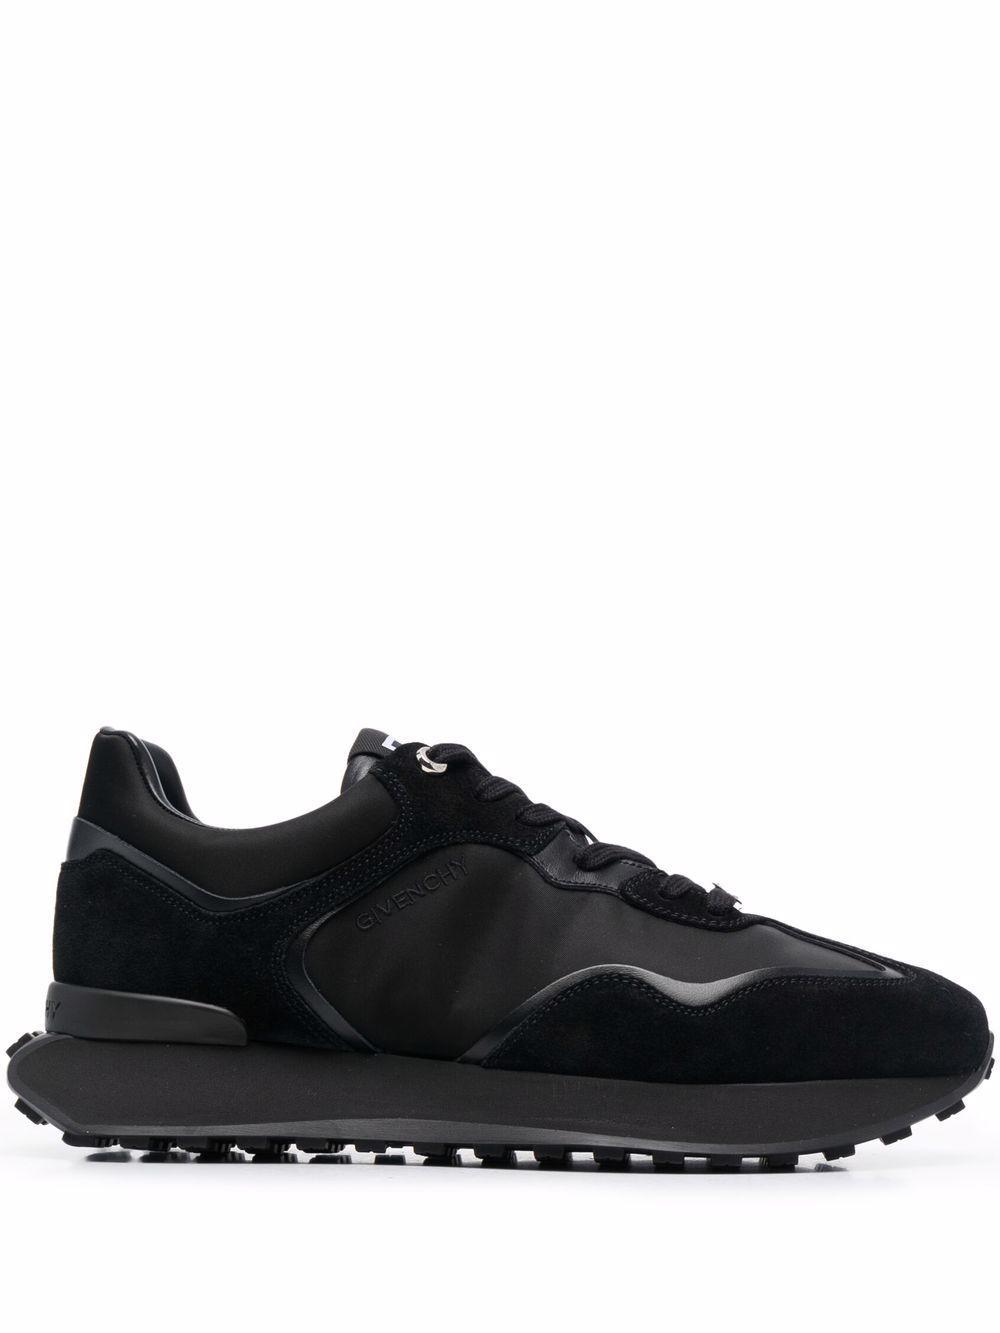 Sneaker giv runner